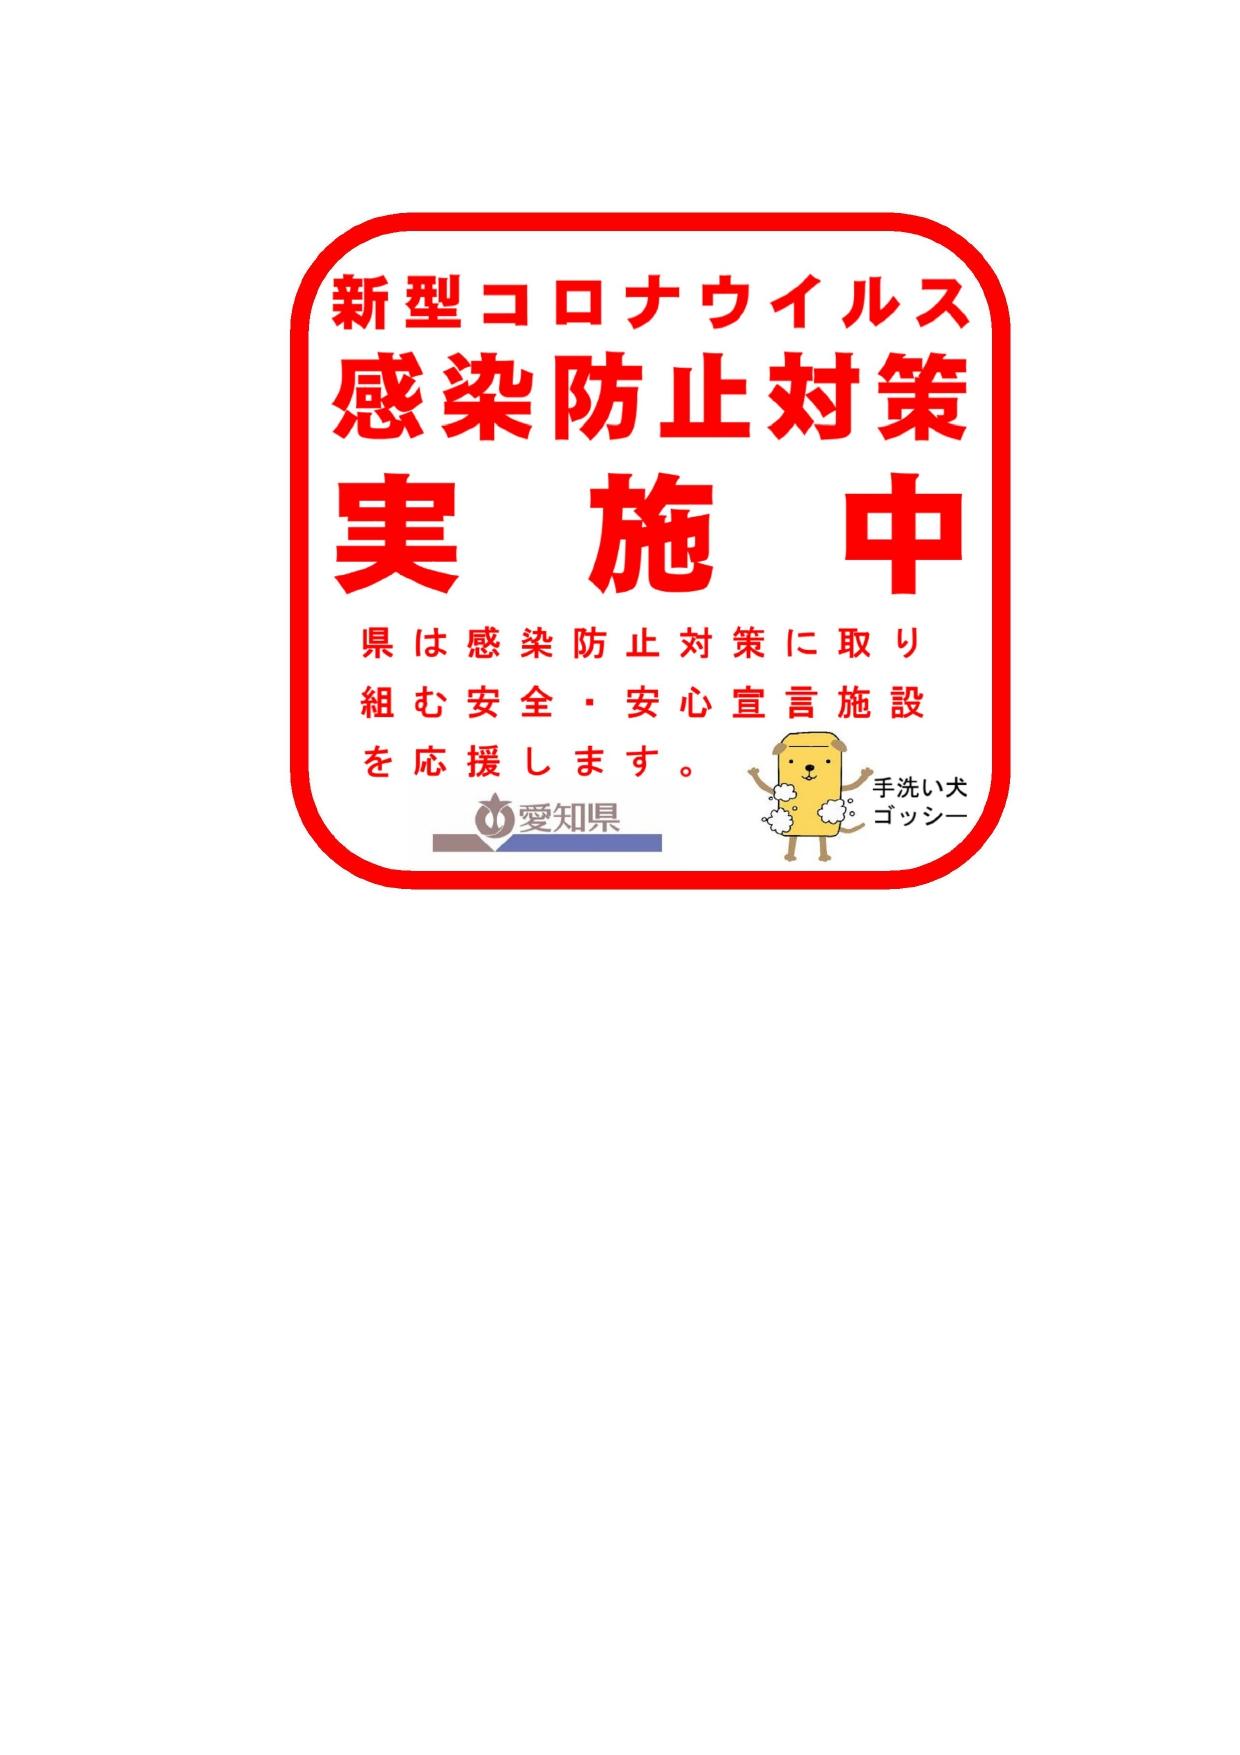 愛知県 新型コロナウィルス感染防止対策実施中